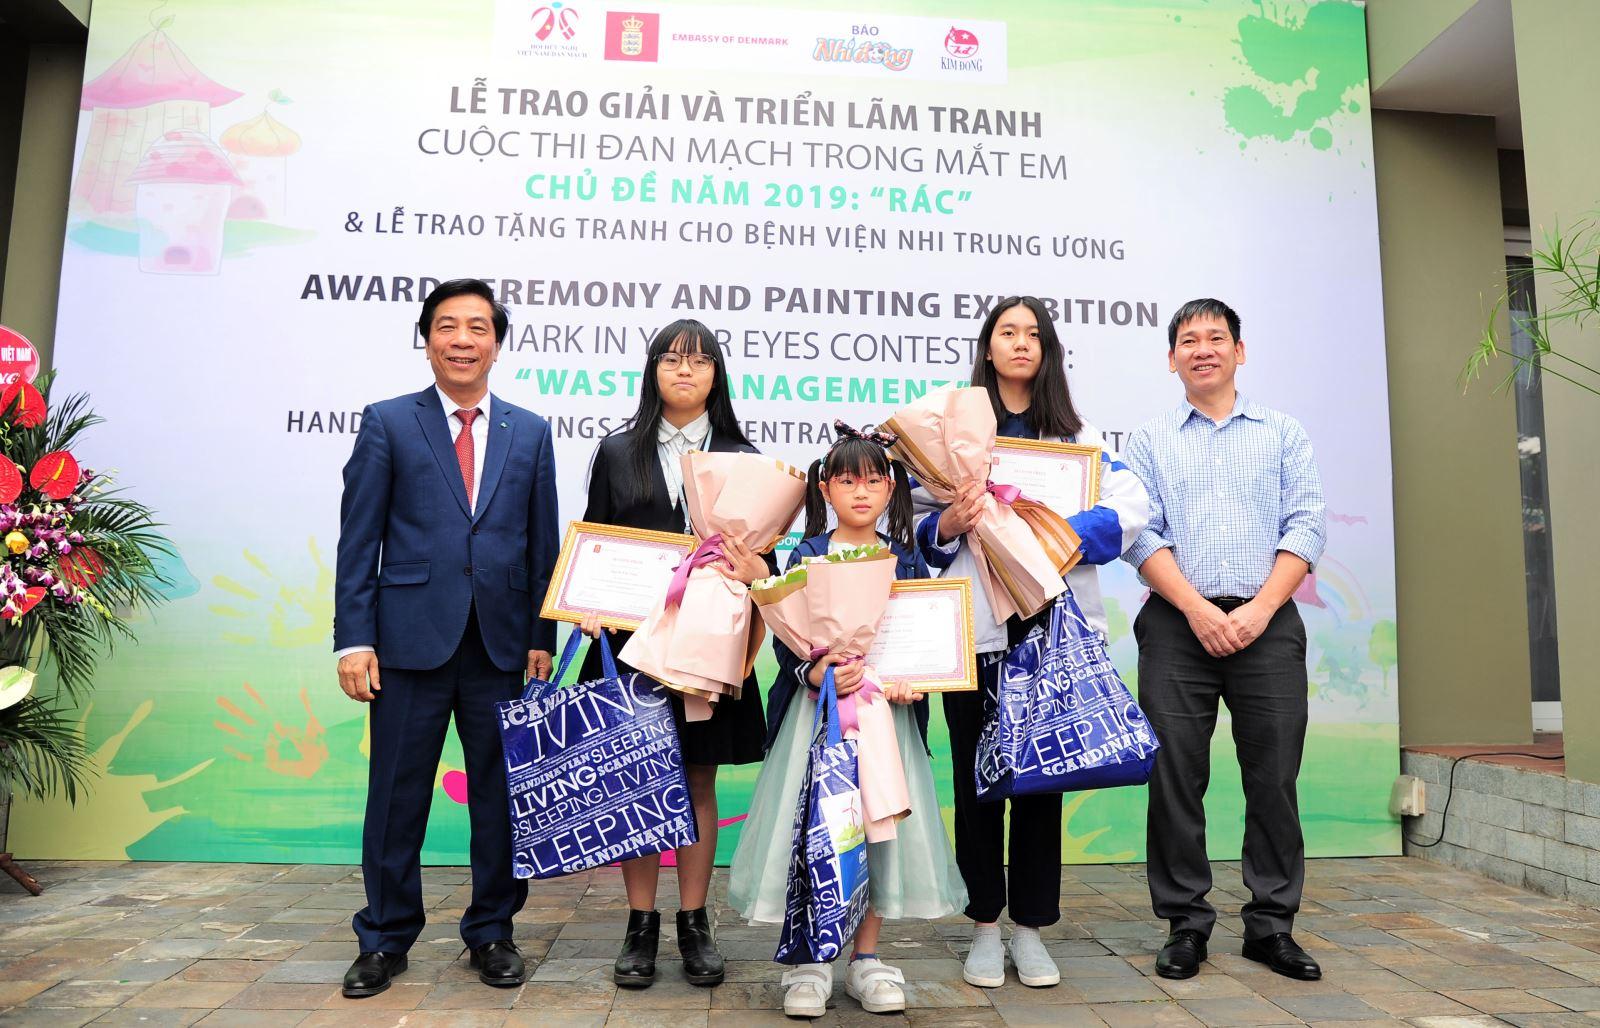 """Phạm Thị Minh Châu đạt giải Nhì vẽ tranh """"Rác"""" của ĐSQ Đan Mạch"""